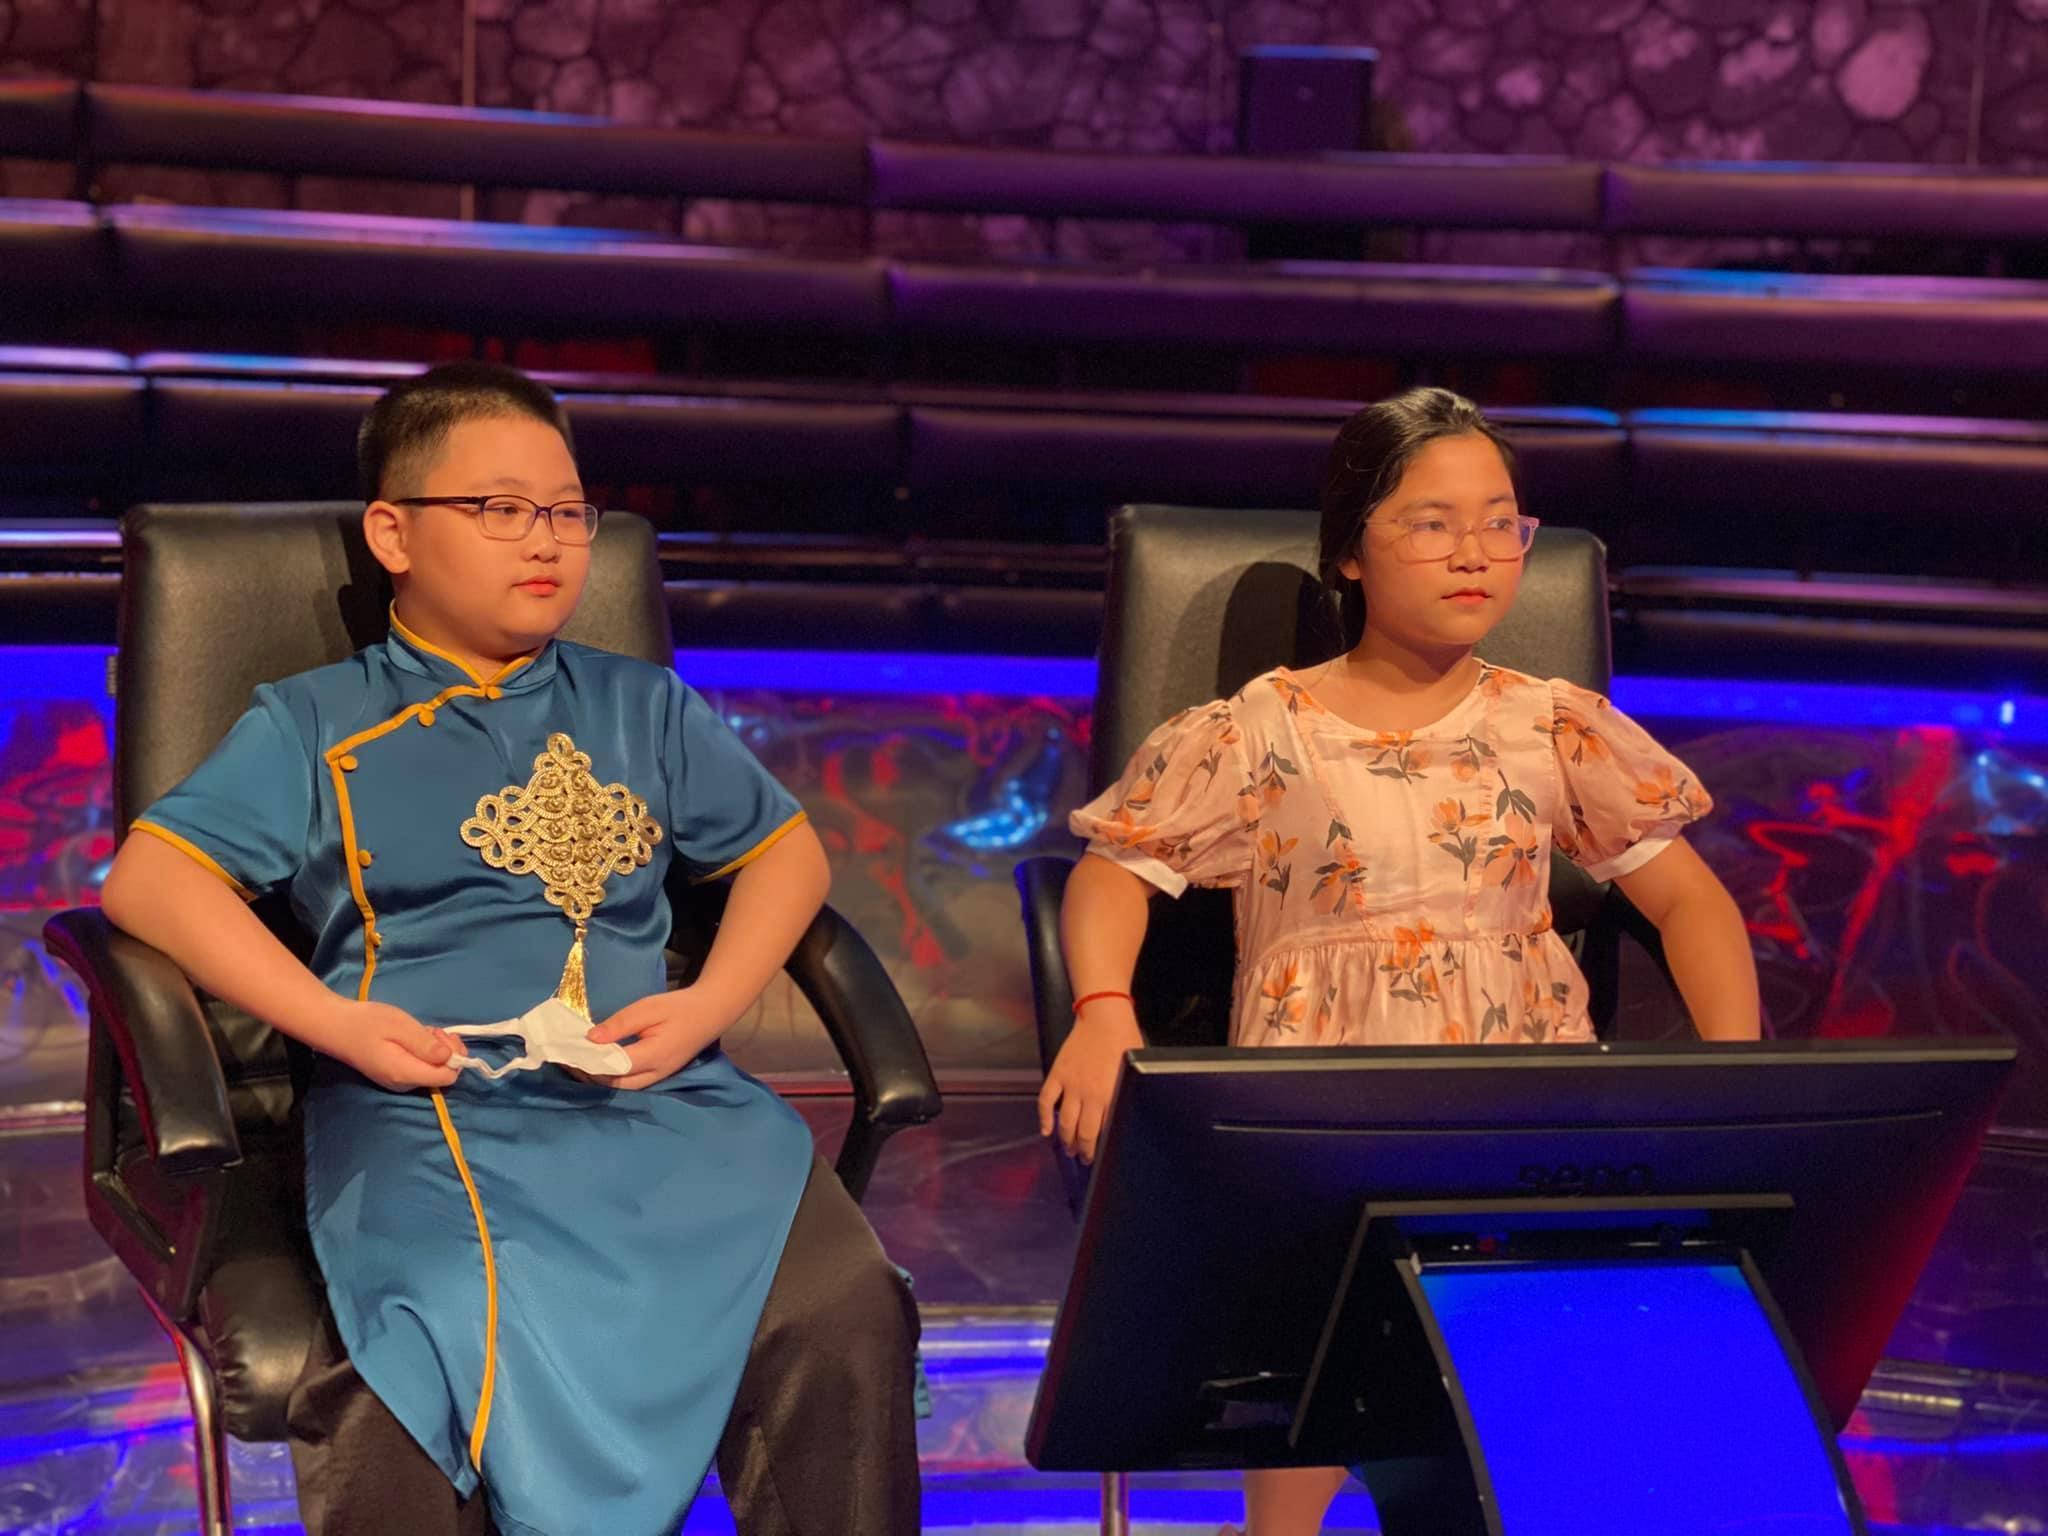 Hai bé 11 tuổi thắng 'Ai là triệu phú' khiến GS Xoay thán phục